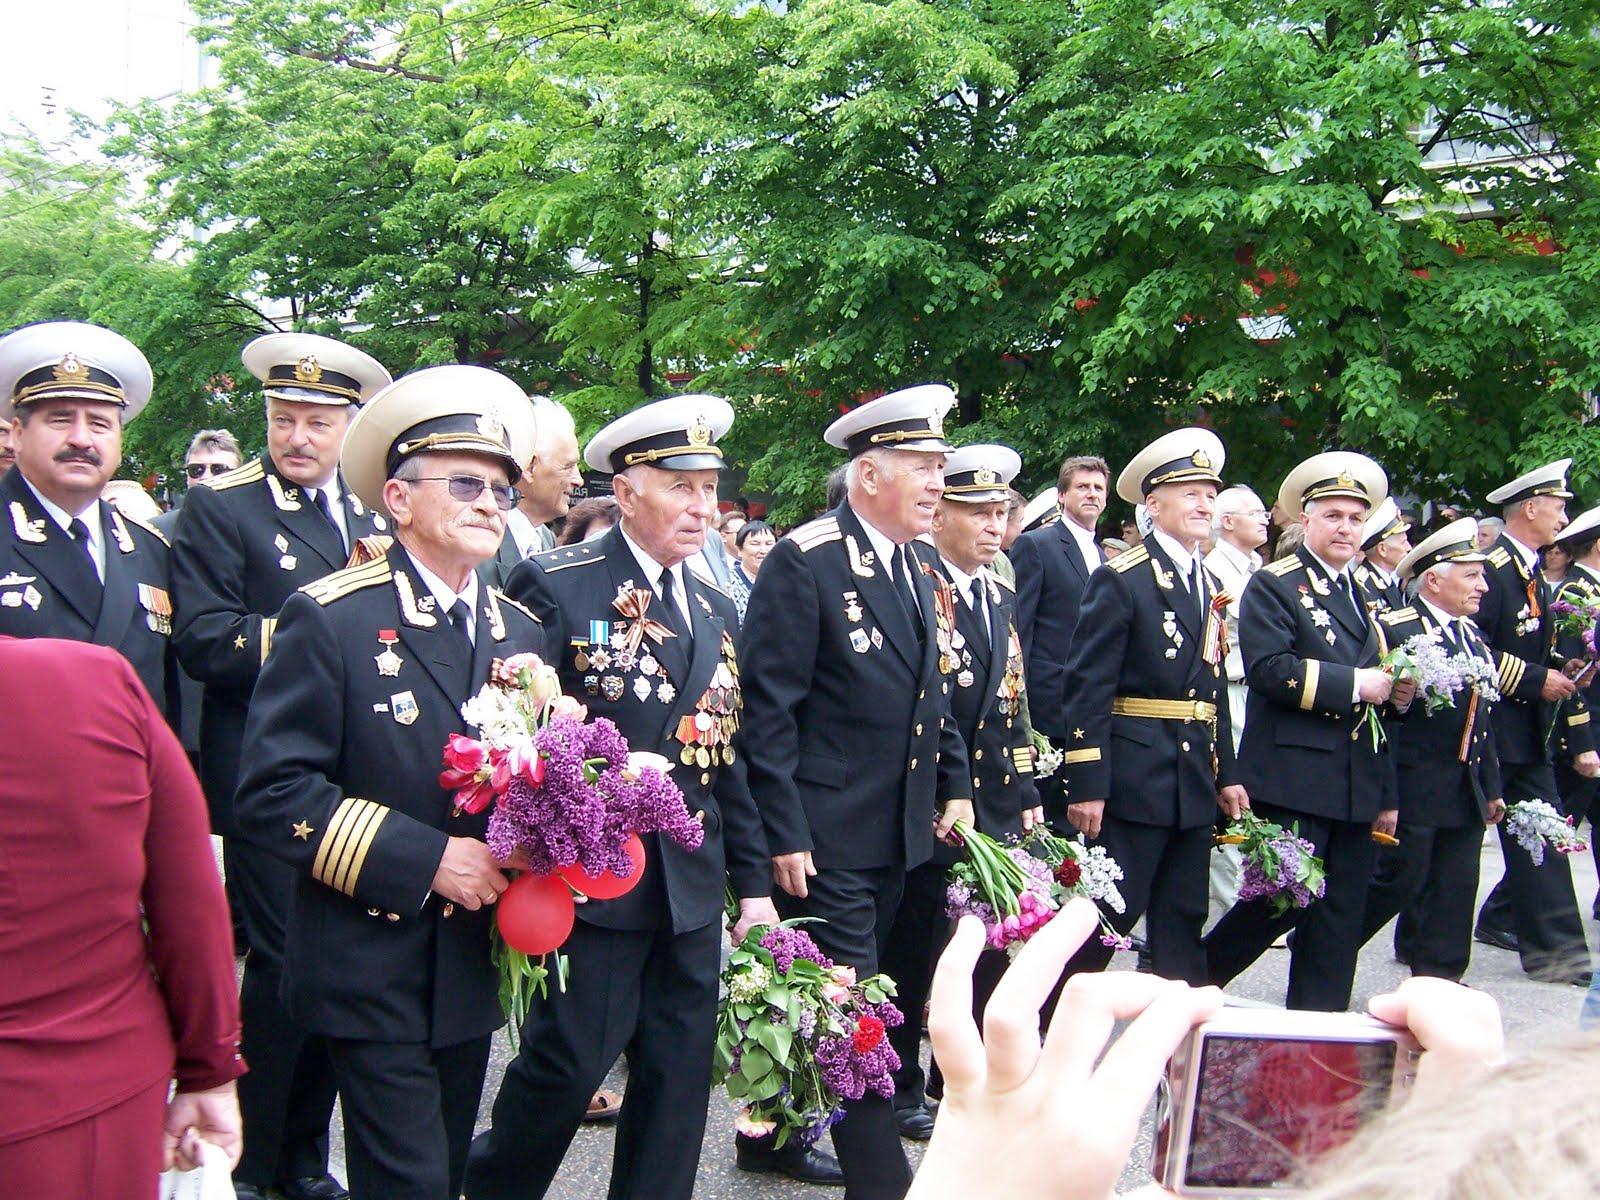 льготы военным пенсионерам в 2017 году